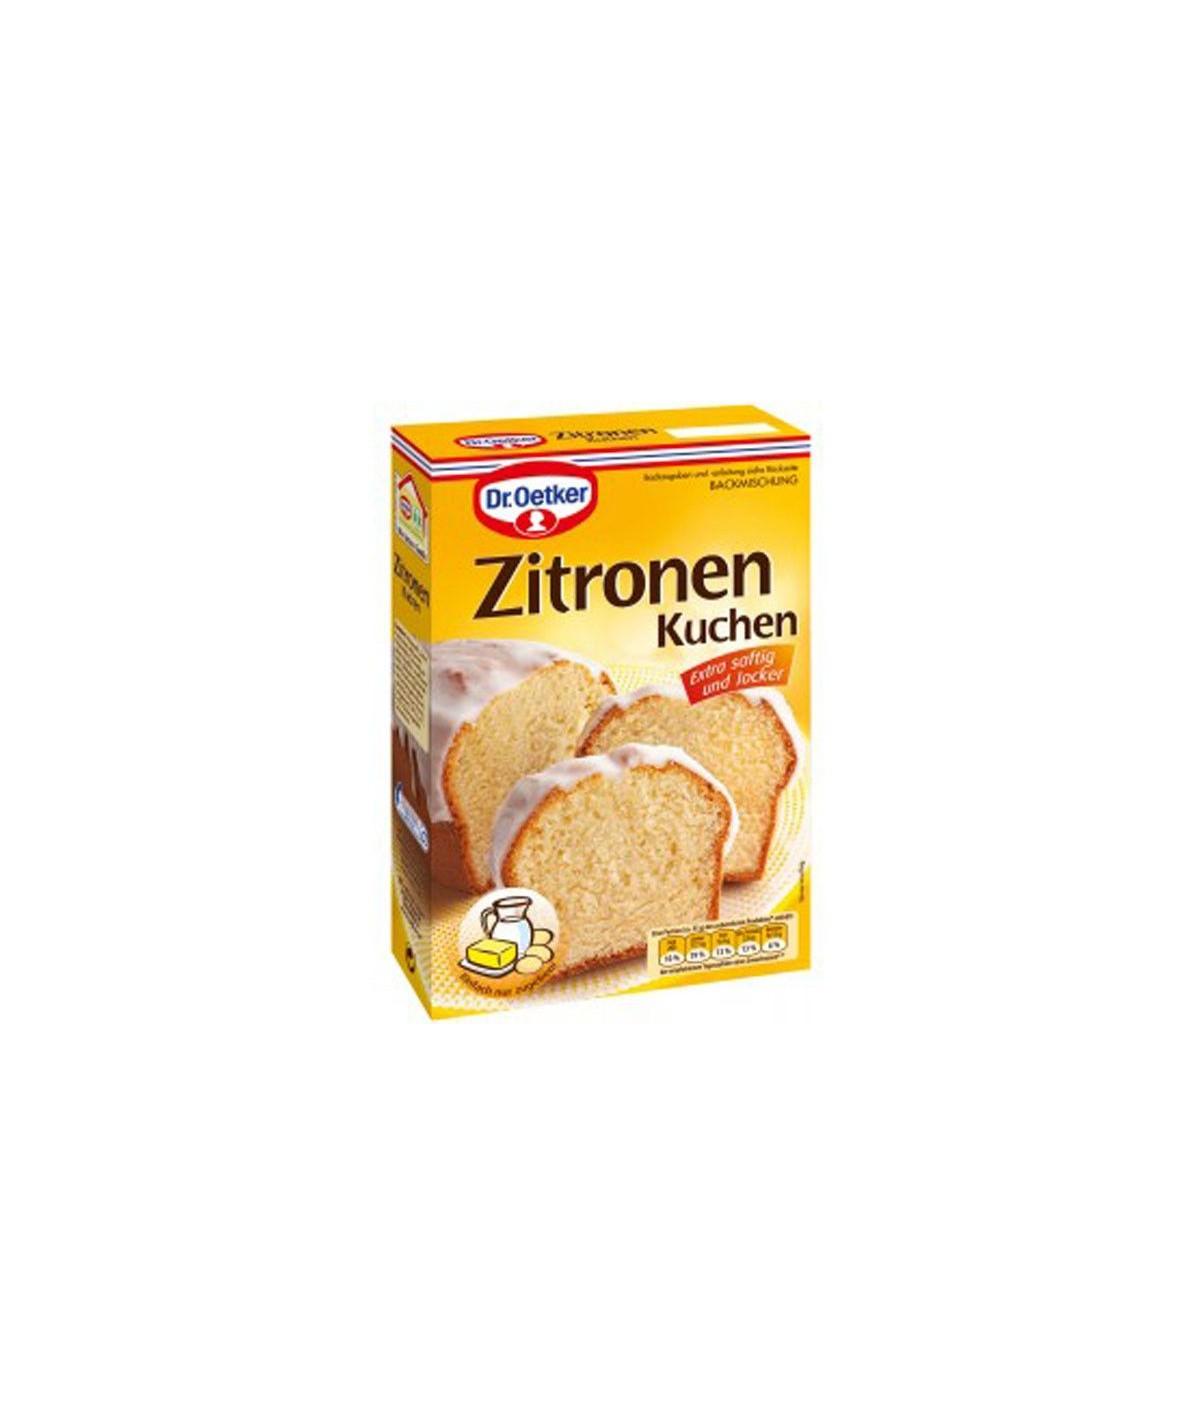 Backmischung Zitronen Kuchen Dr. Oetker 485 g